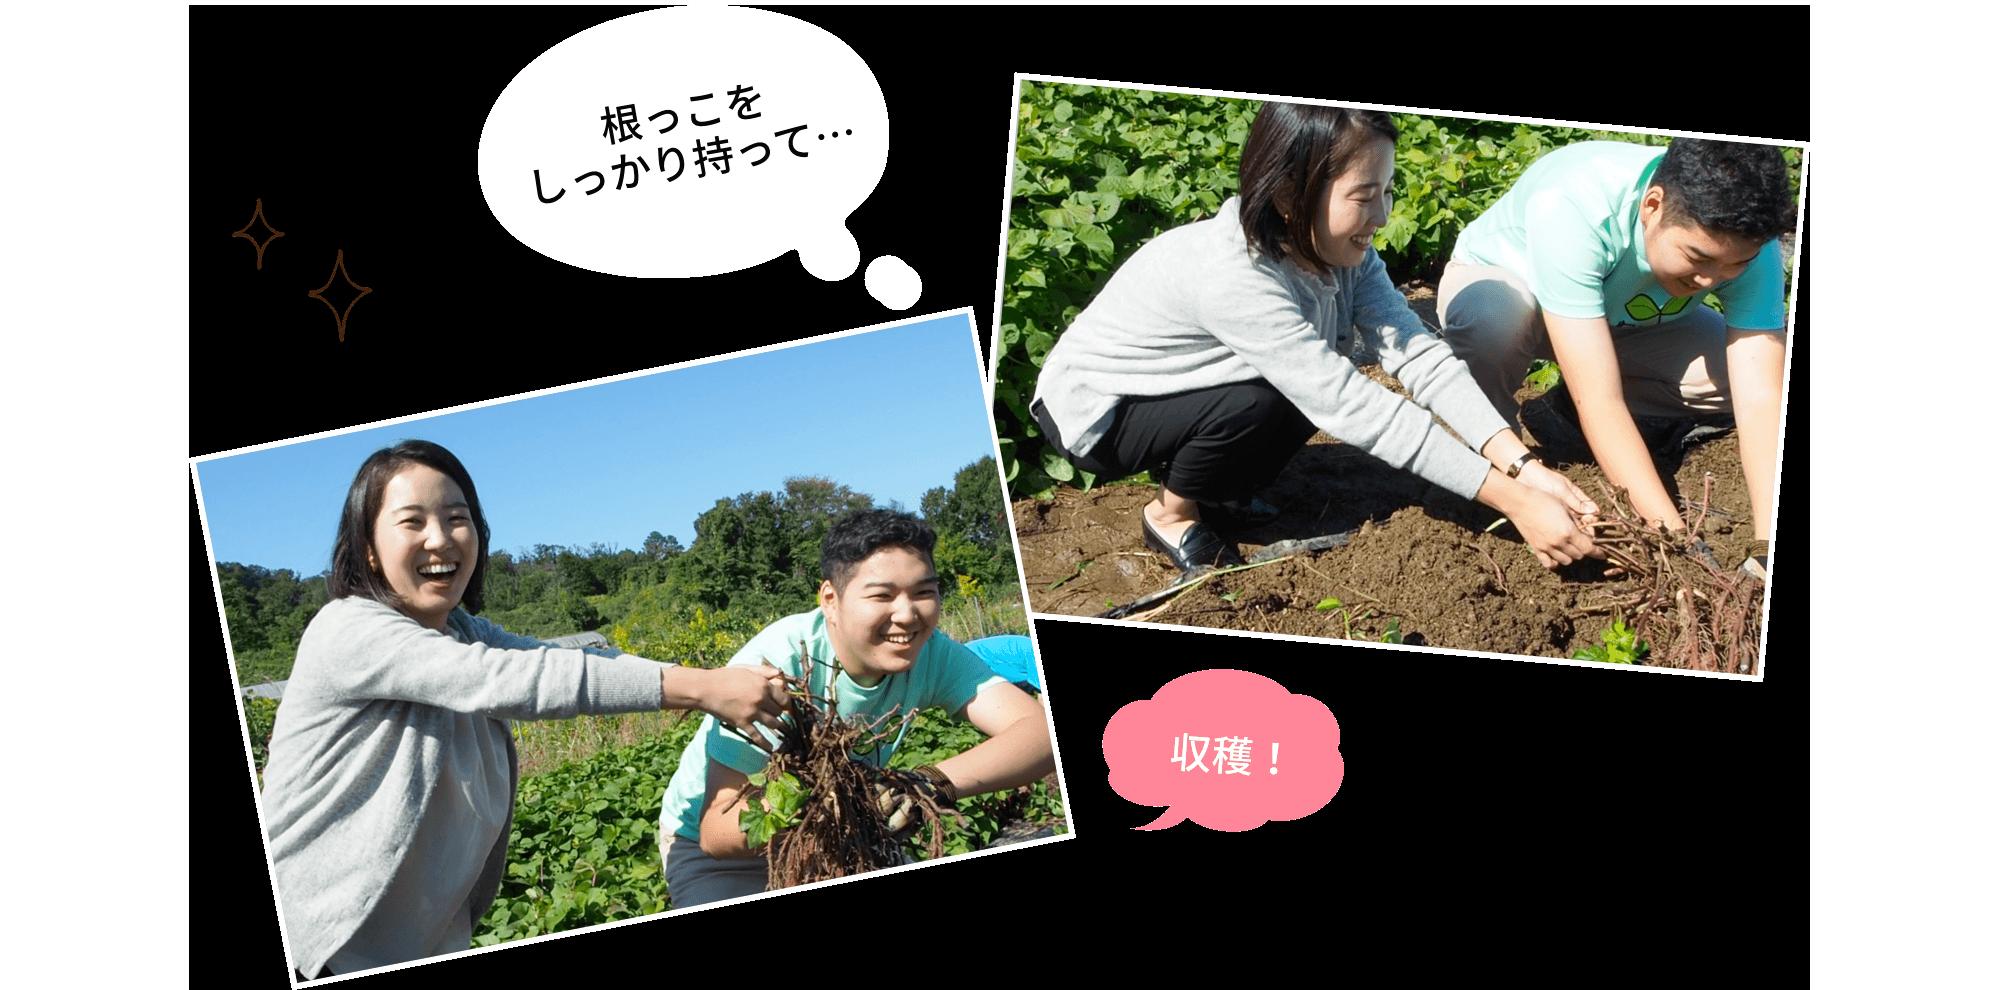 レタスの苗植えスタート!